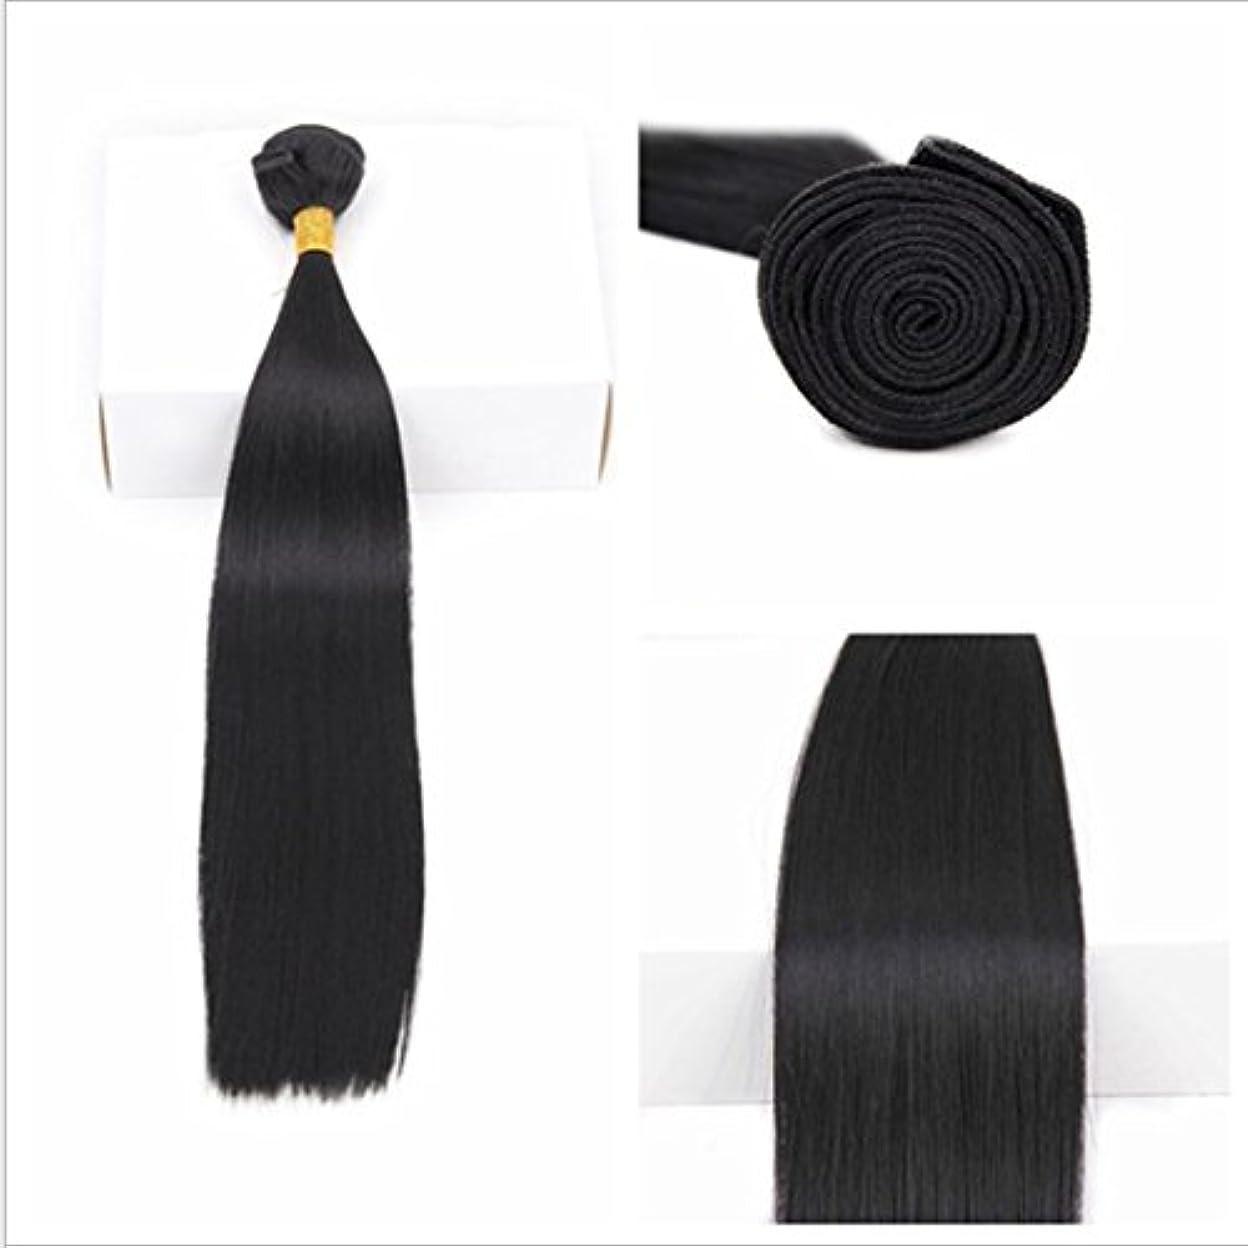 義務付けられたひまわりソーダ水JIANFU ブラジル 女性 耐熱 長い ストレート ウィッグ ヘア カーテン 非染色(70g / 100g) 18 インチ 至る 10インチ ブラックヘア (サイズ : 20inch(100g))